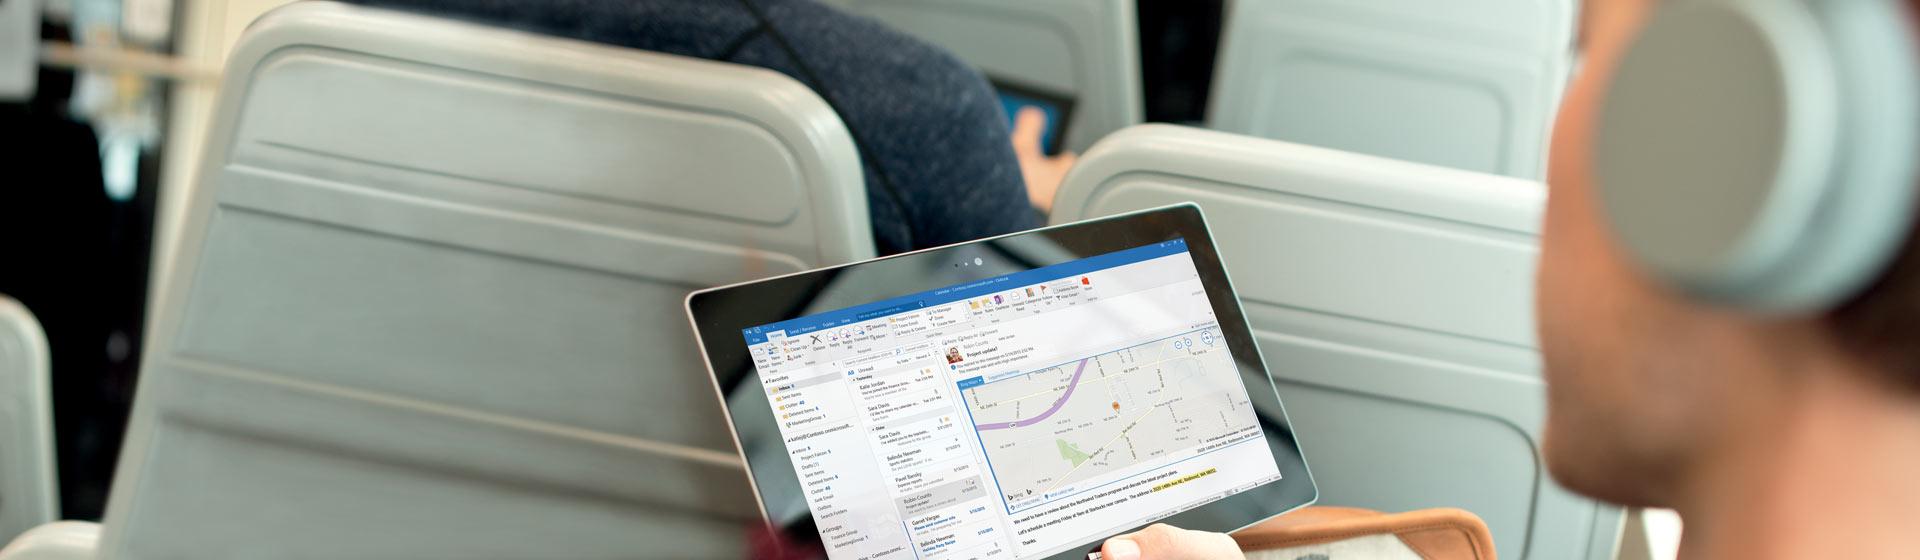 """Чоловік тримає планшет, на якому відкрито його папку """"Вхідні"""" в Office 365"""